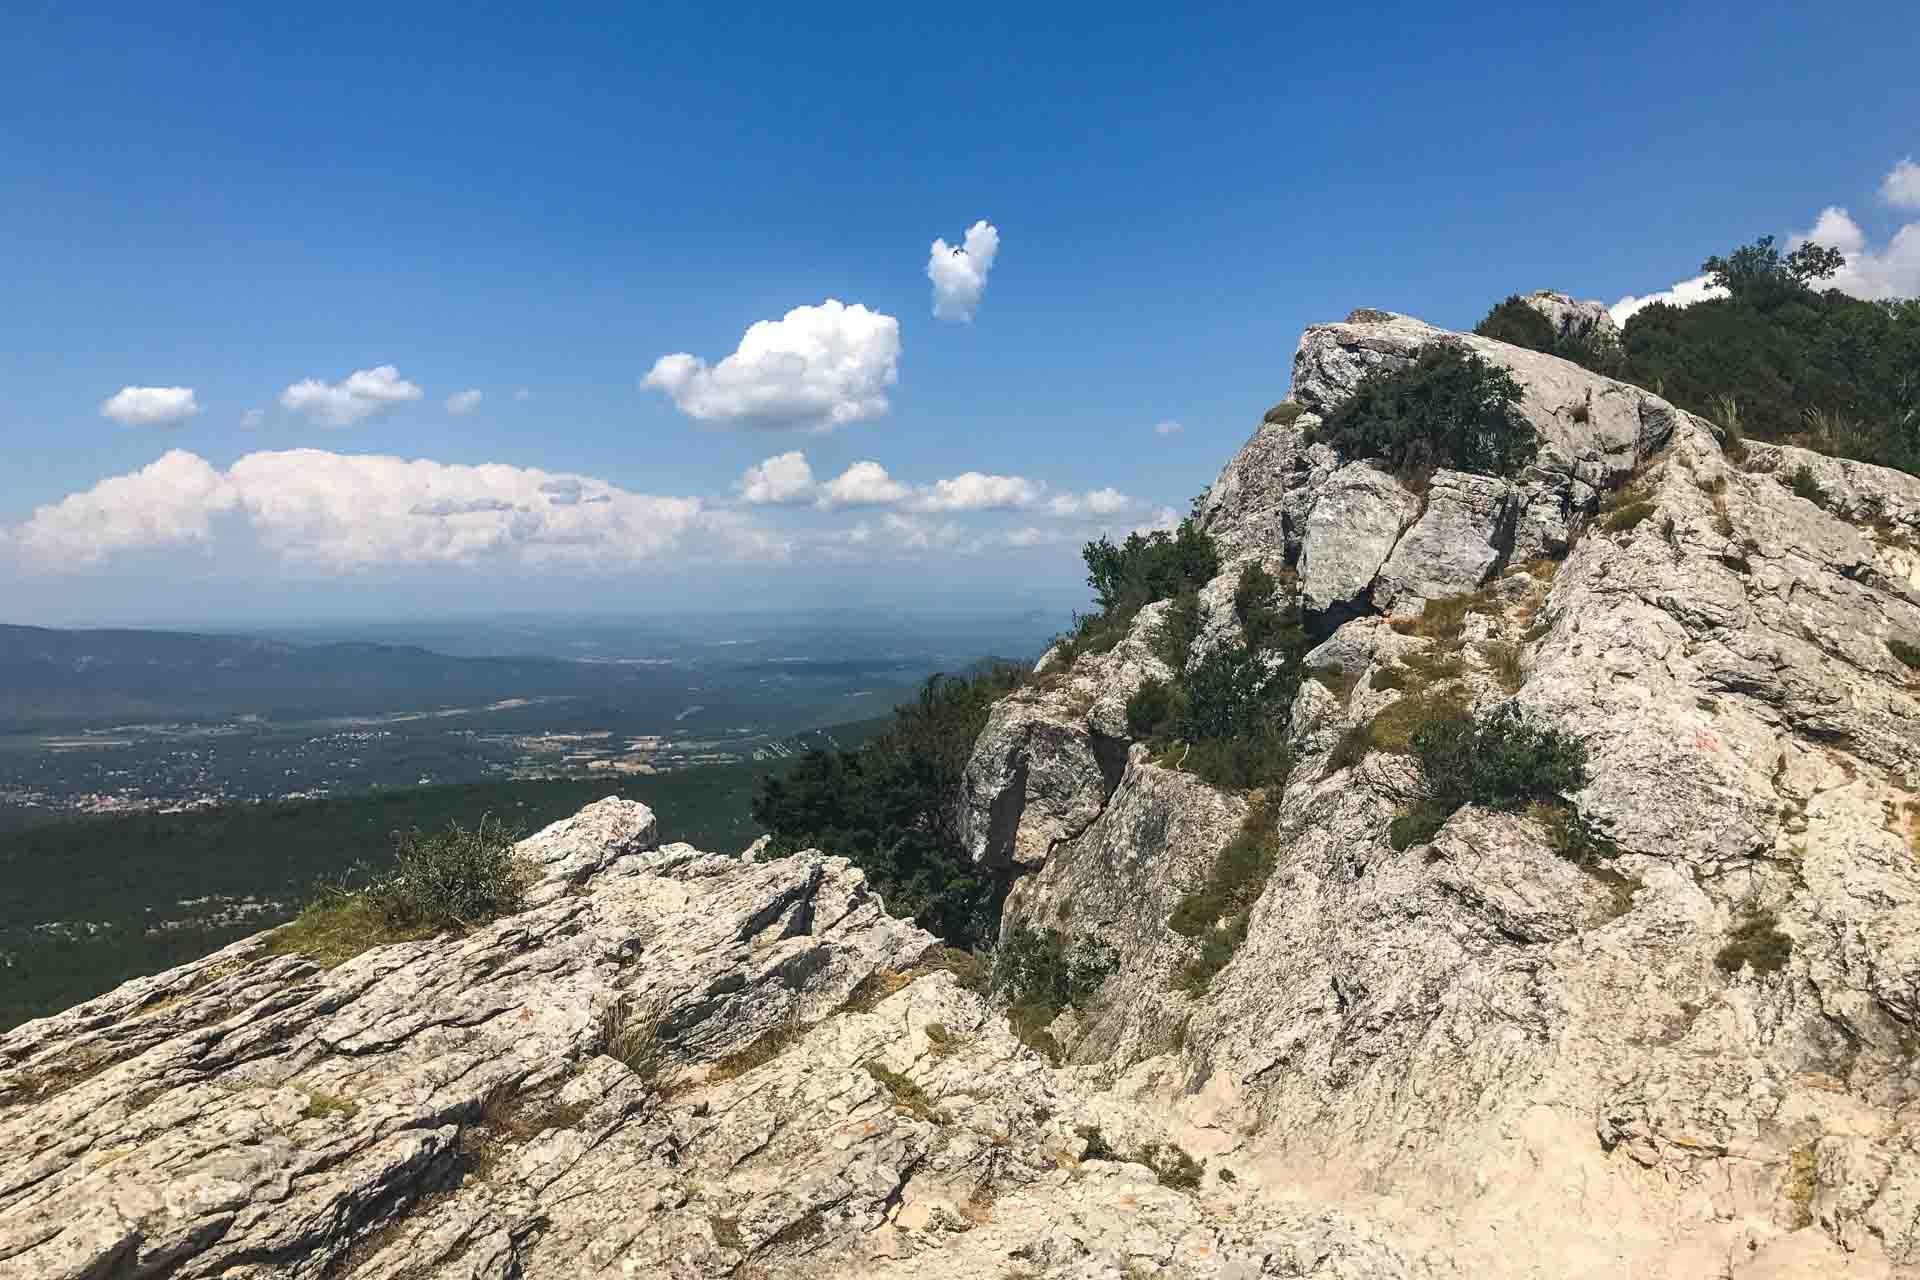 At the top of Mont Saint-Pilon